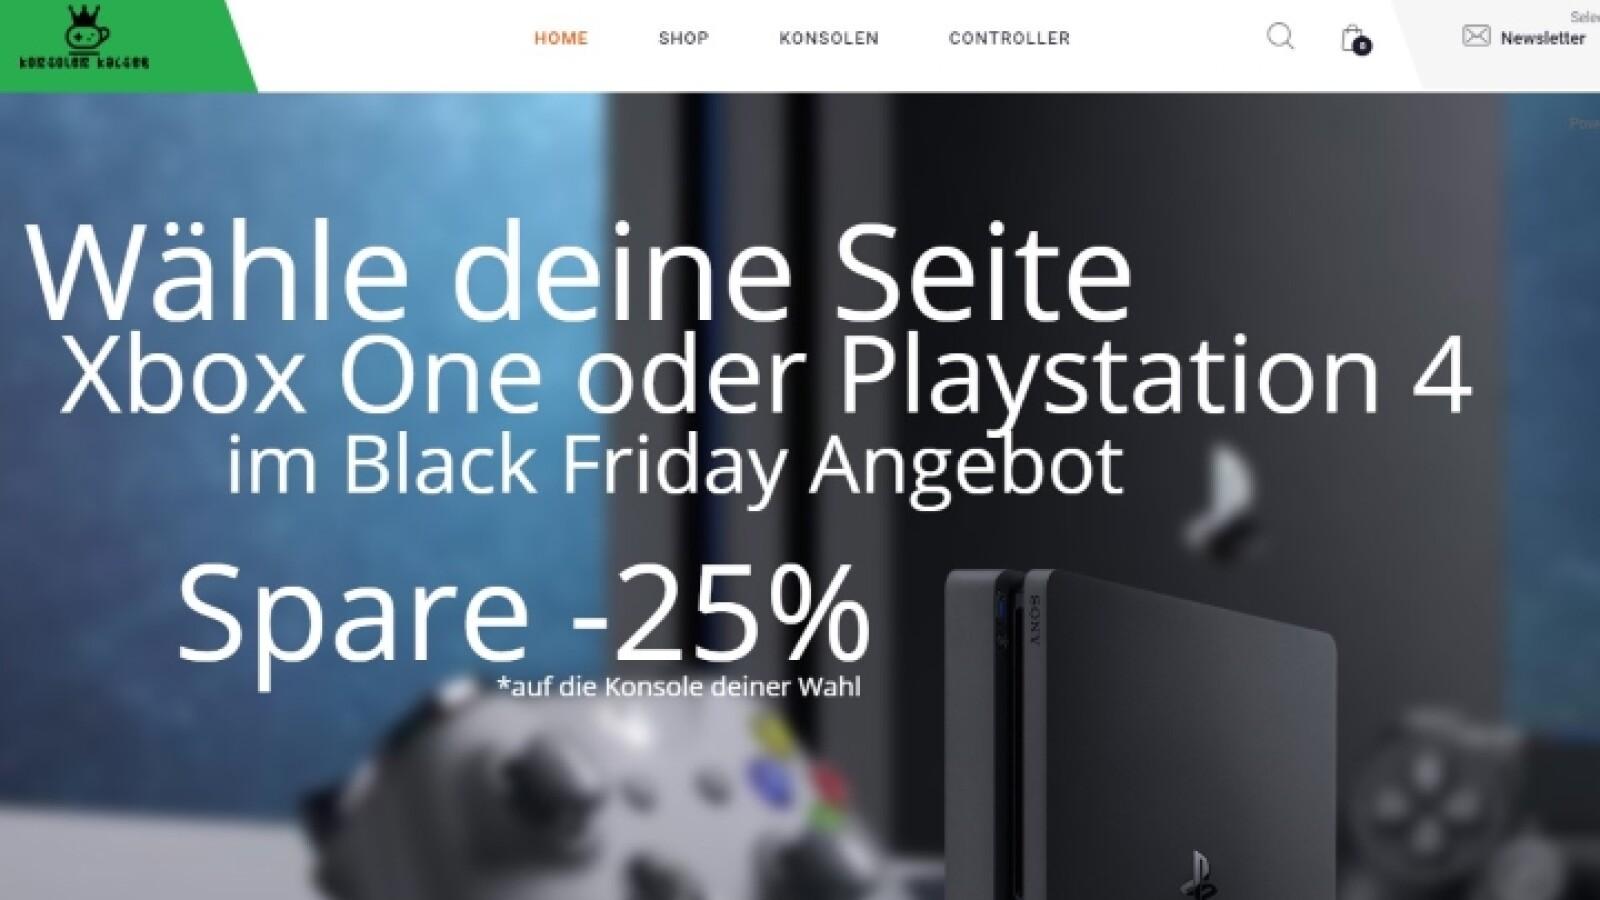 konsolenkaiser.de: Fake-Shop oder Konsolen günstiger? - NETZWELT